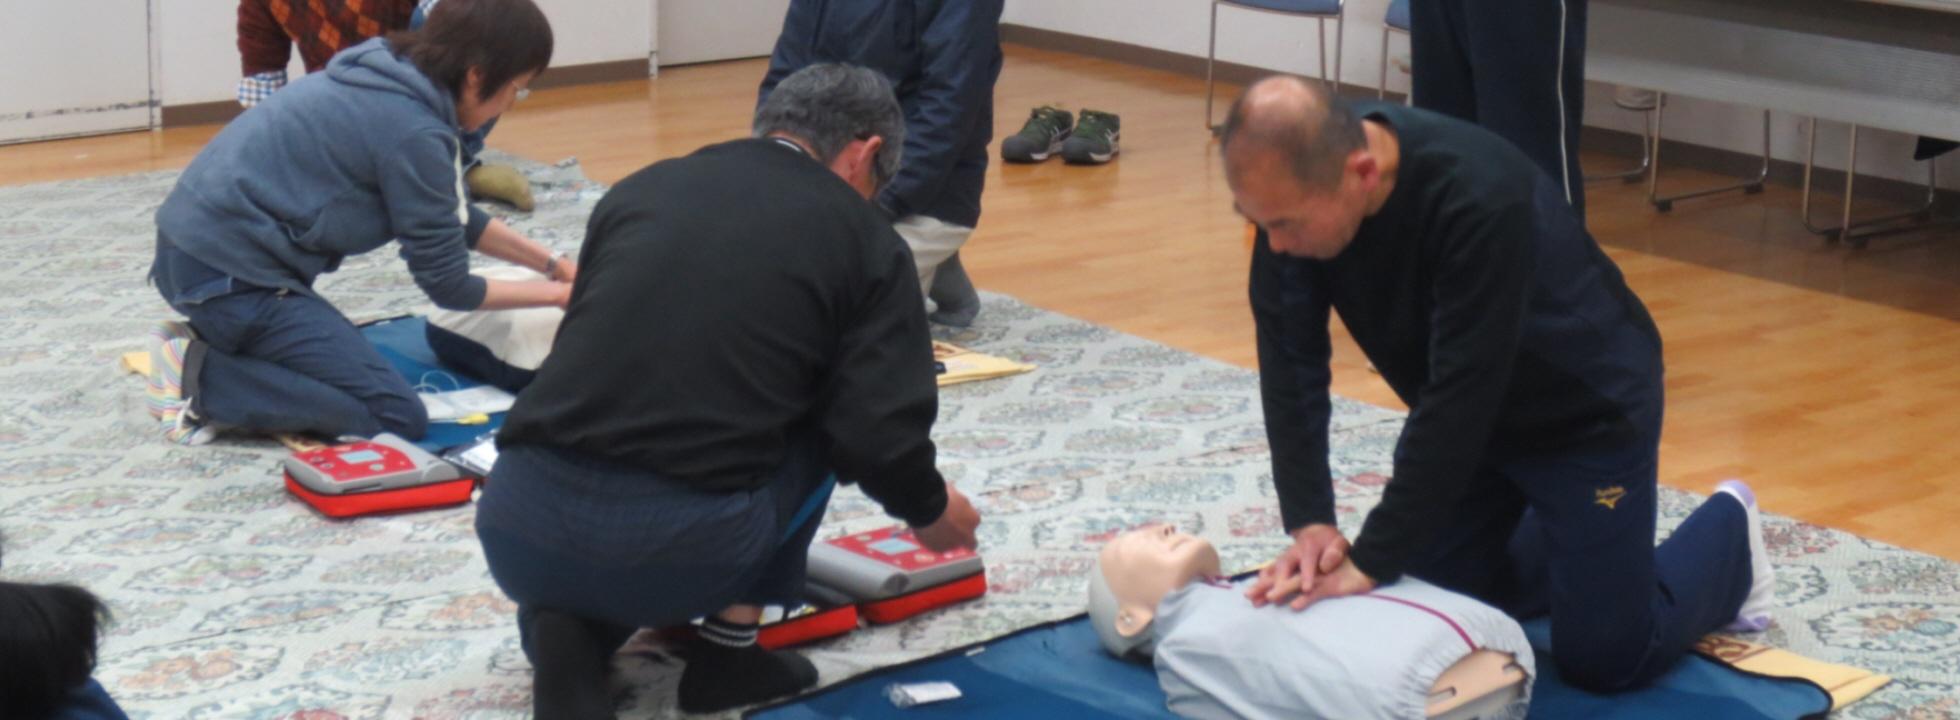 救急法基礎講習会